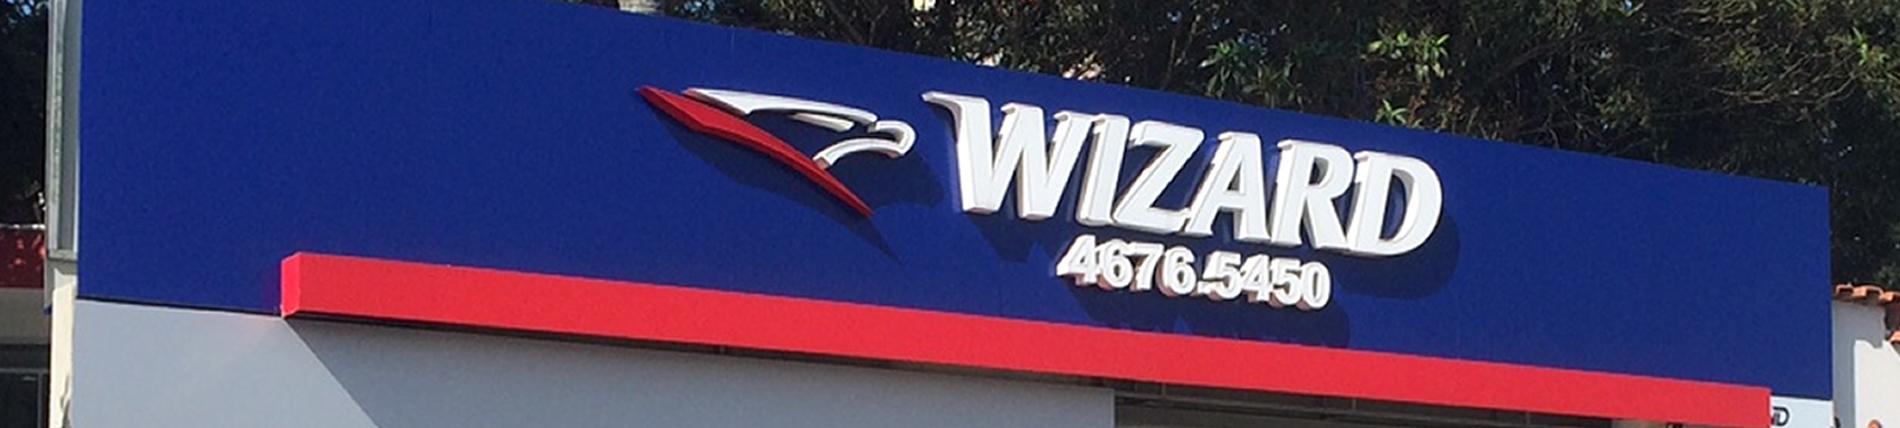 Wizard - Ferraz - painel em acm, logotipo bloco com face em acrílico e led